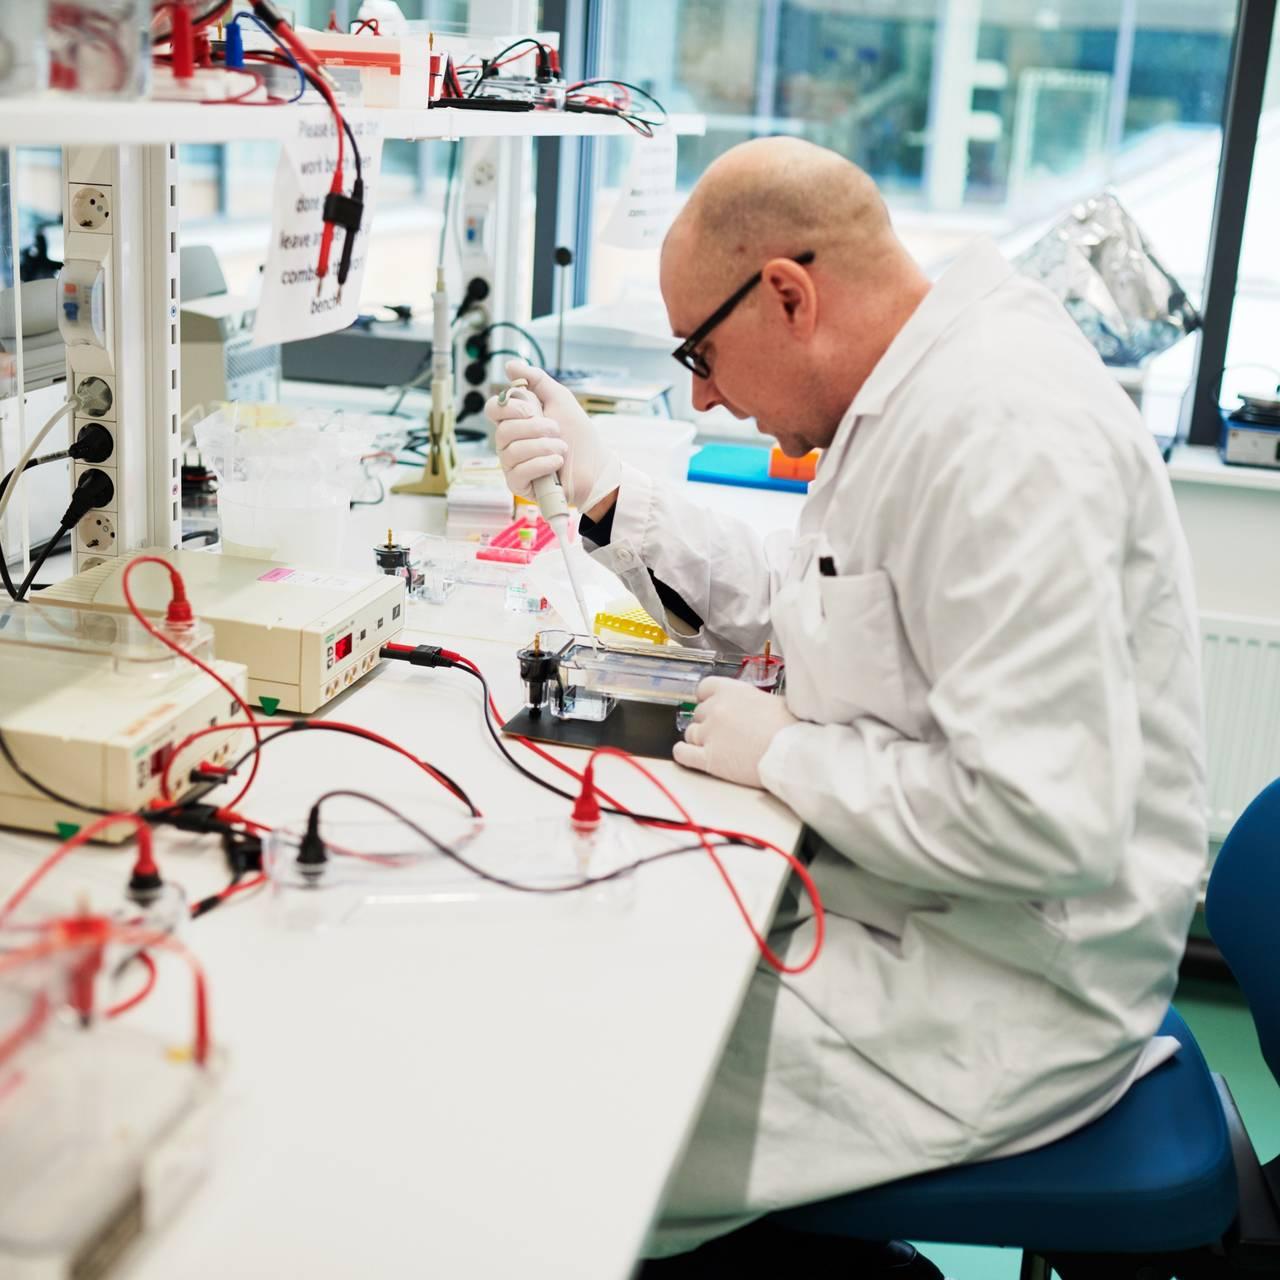 På Karolinska Institutet er de i gang med å utvikle en DNA-vaksine mot koronaviruset.